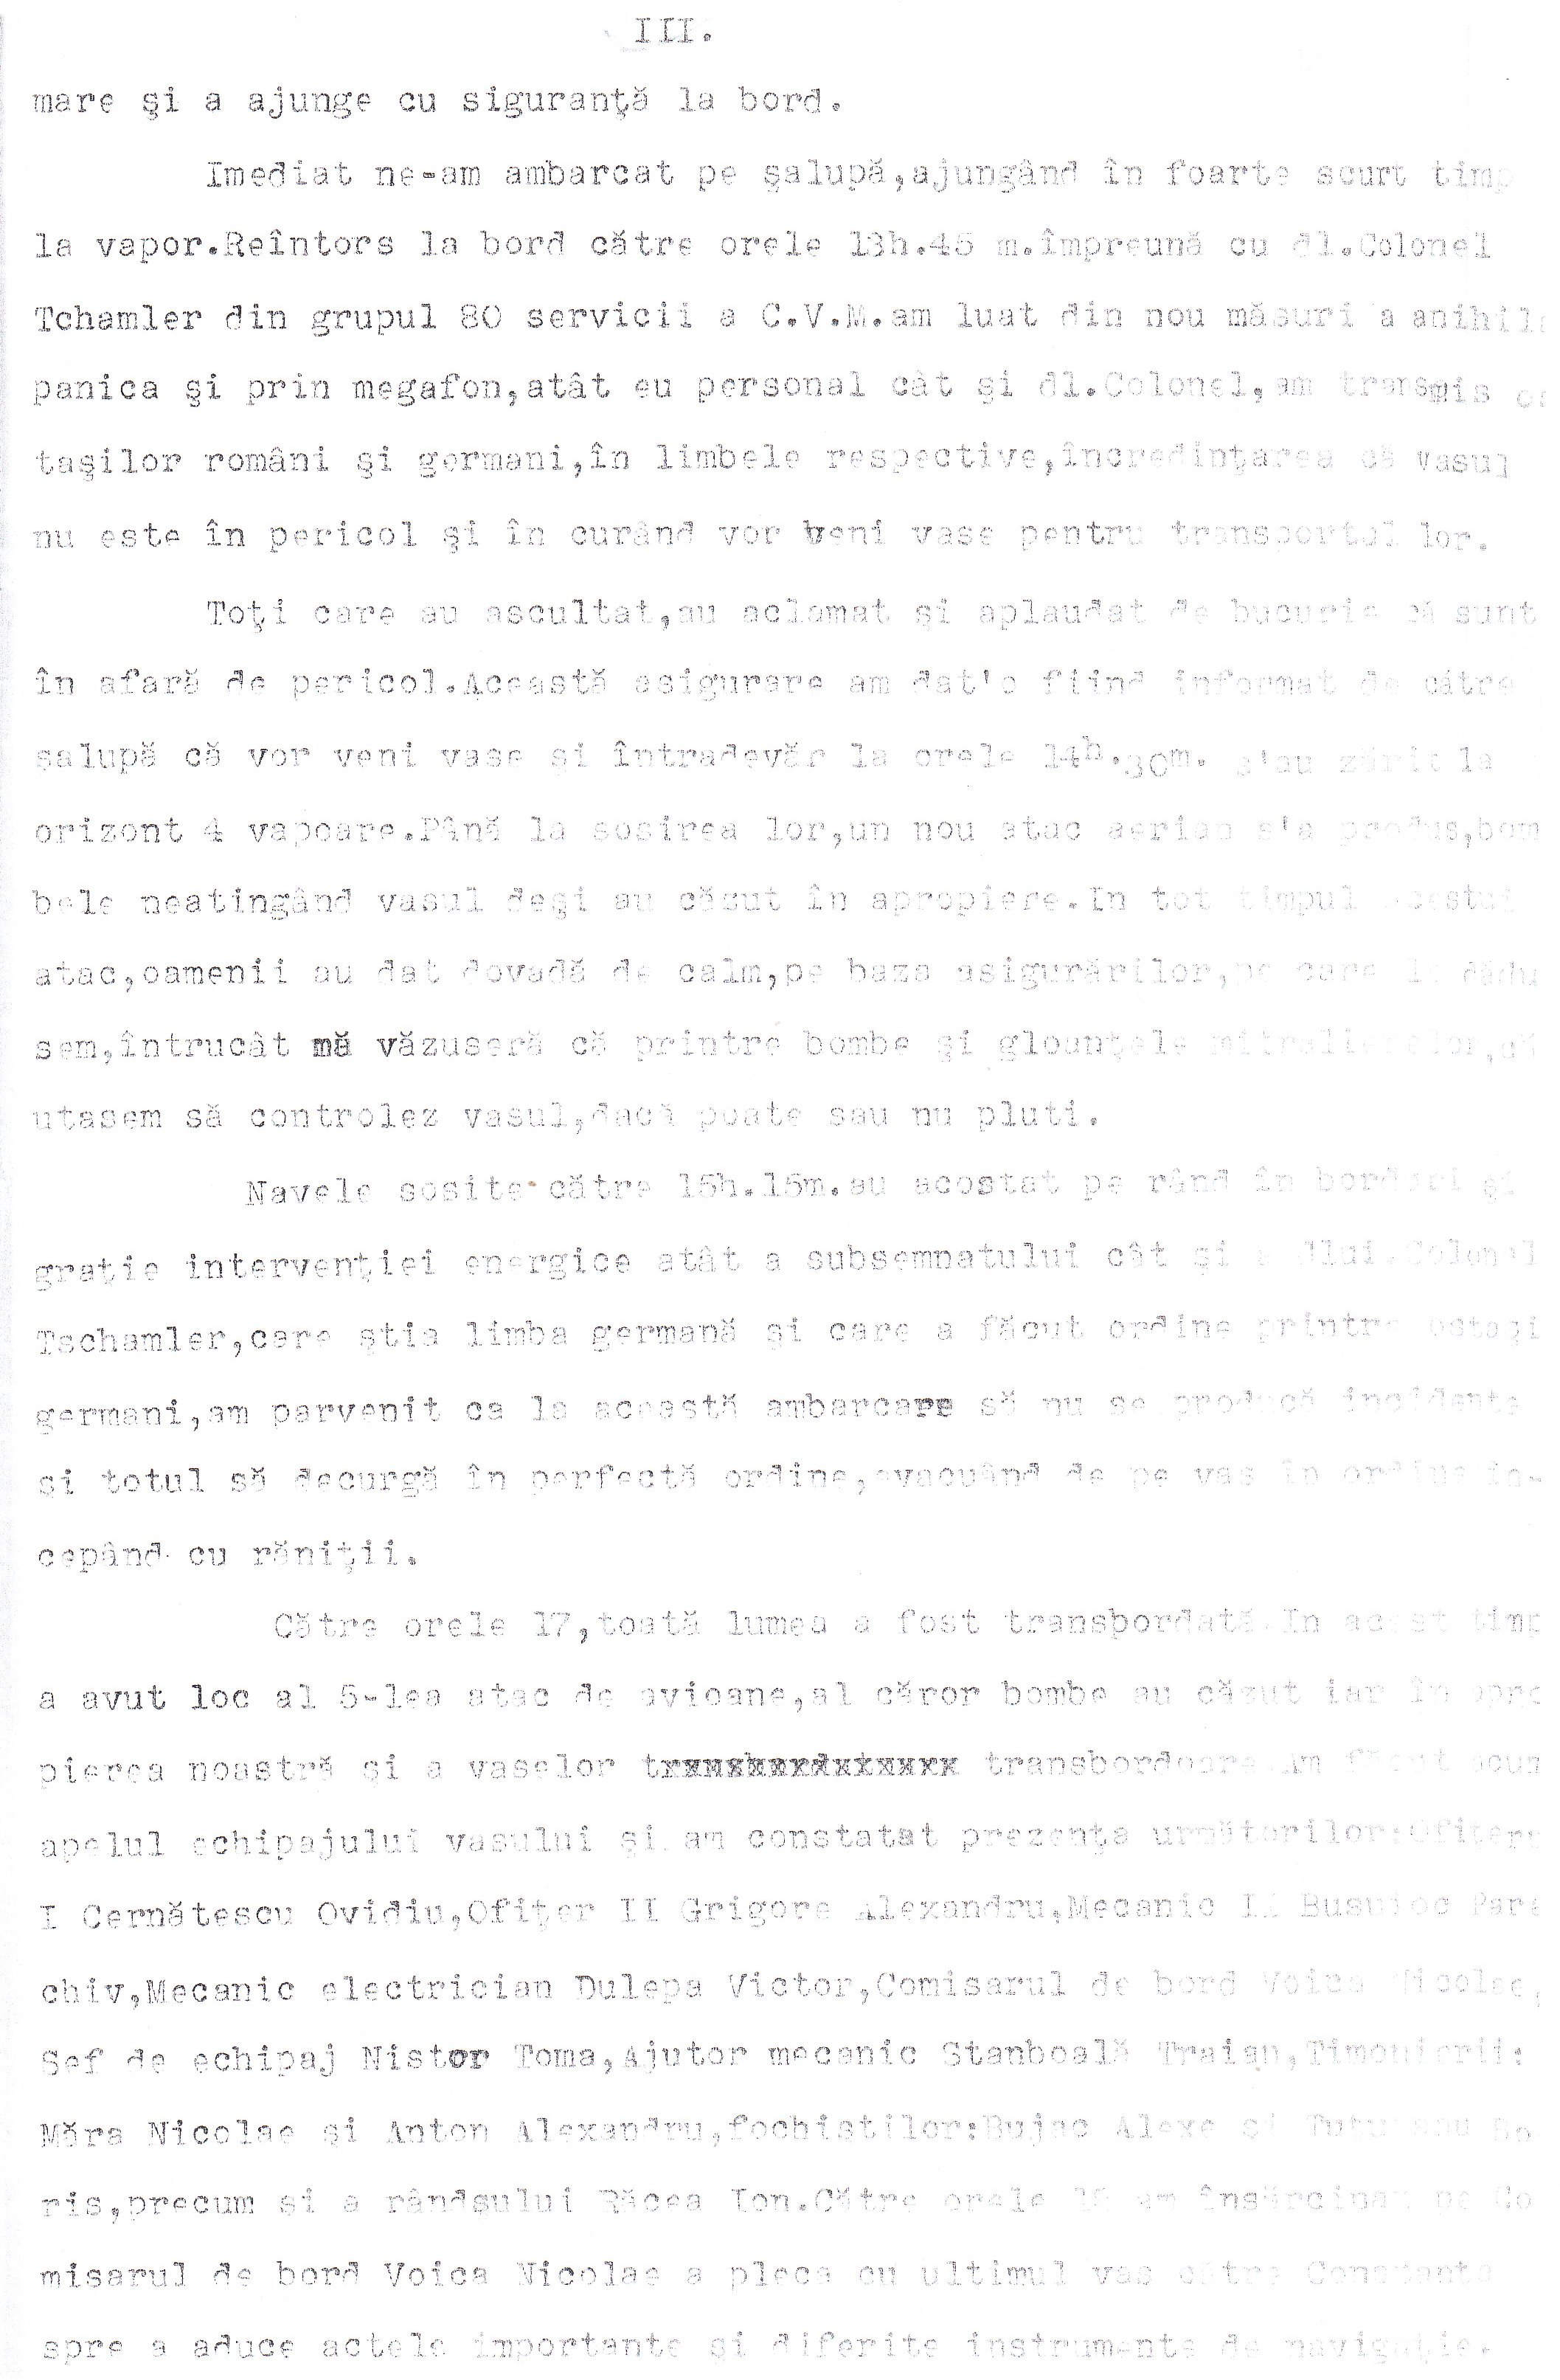 Protestul de Mare depus de căpitanul (r) Mihail Cociaş, comandantul navei «Alba Iulia» (pagina 3).